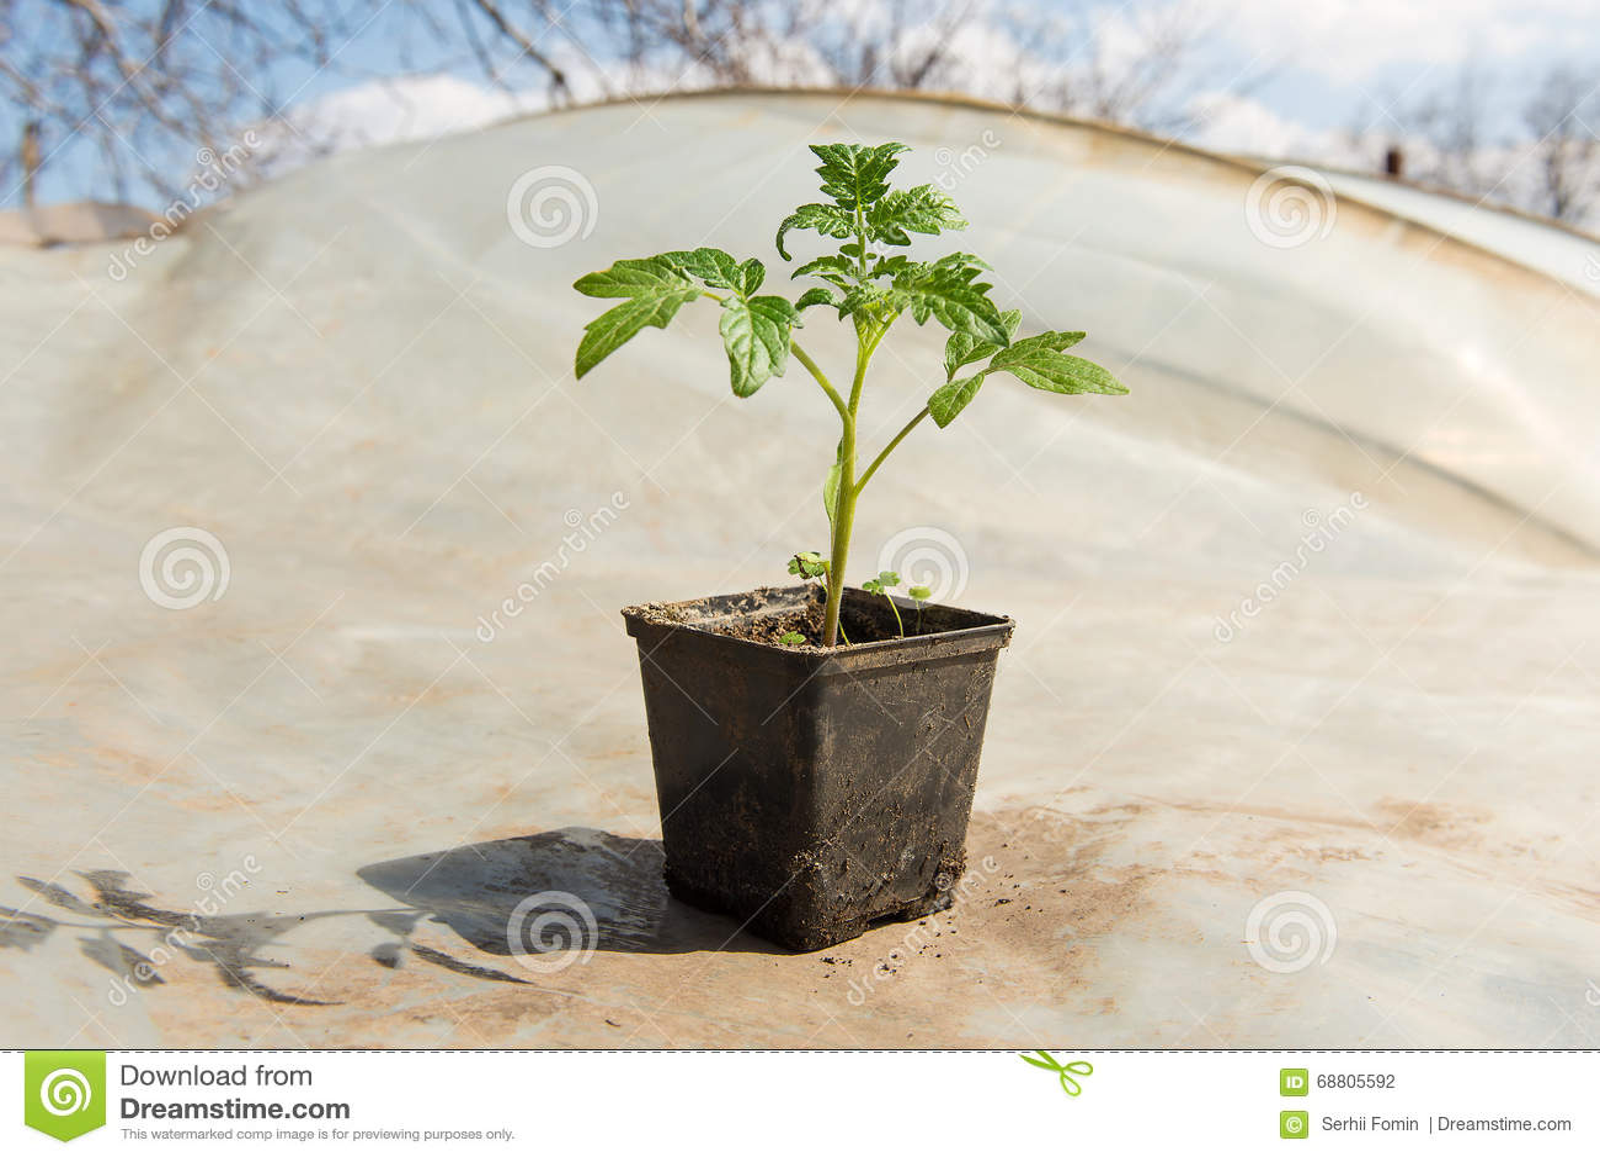 Tomatenpflanzen Und Gurkenanlagen In Den Gemusegewachshausern